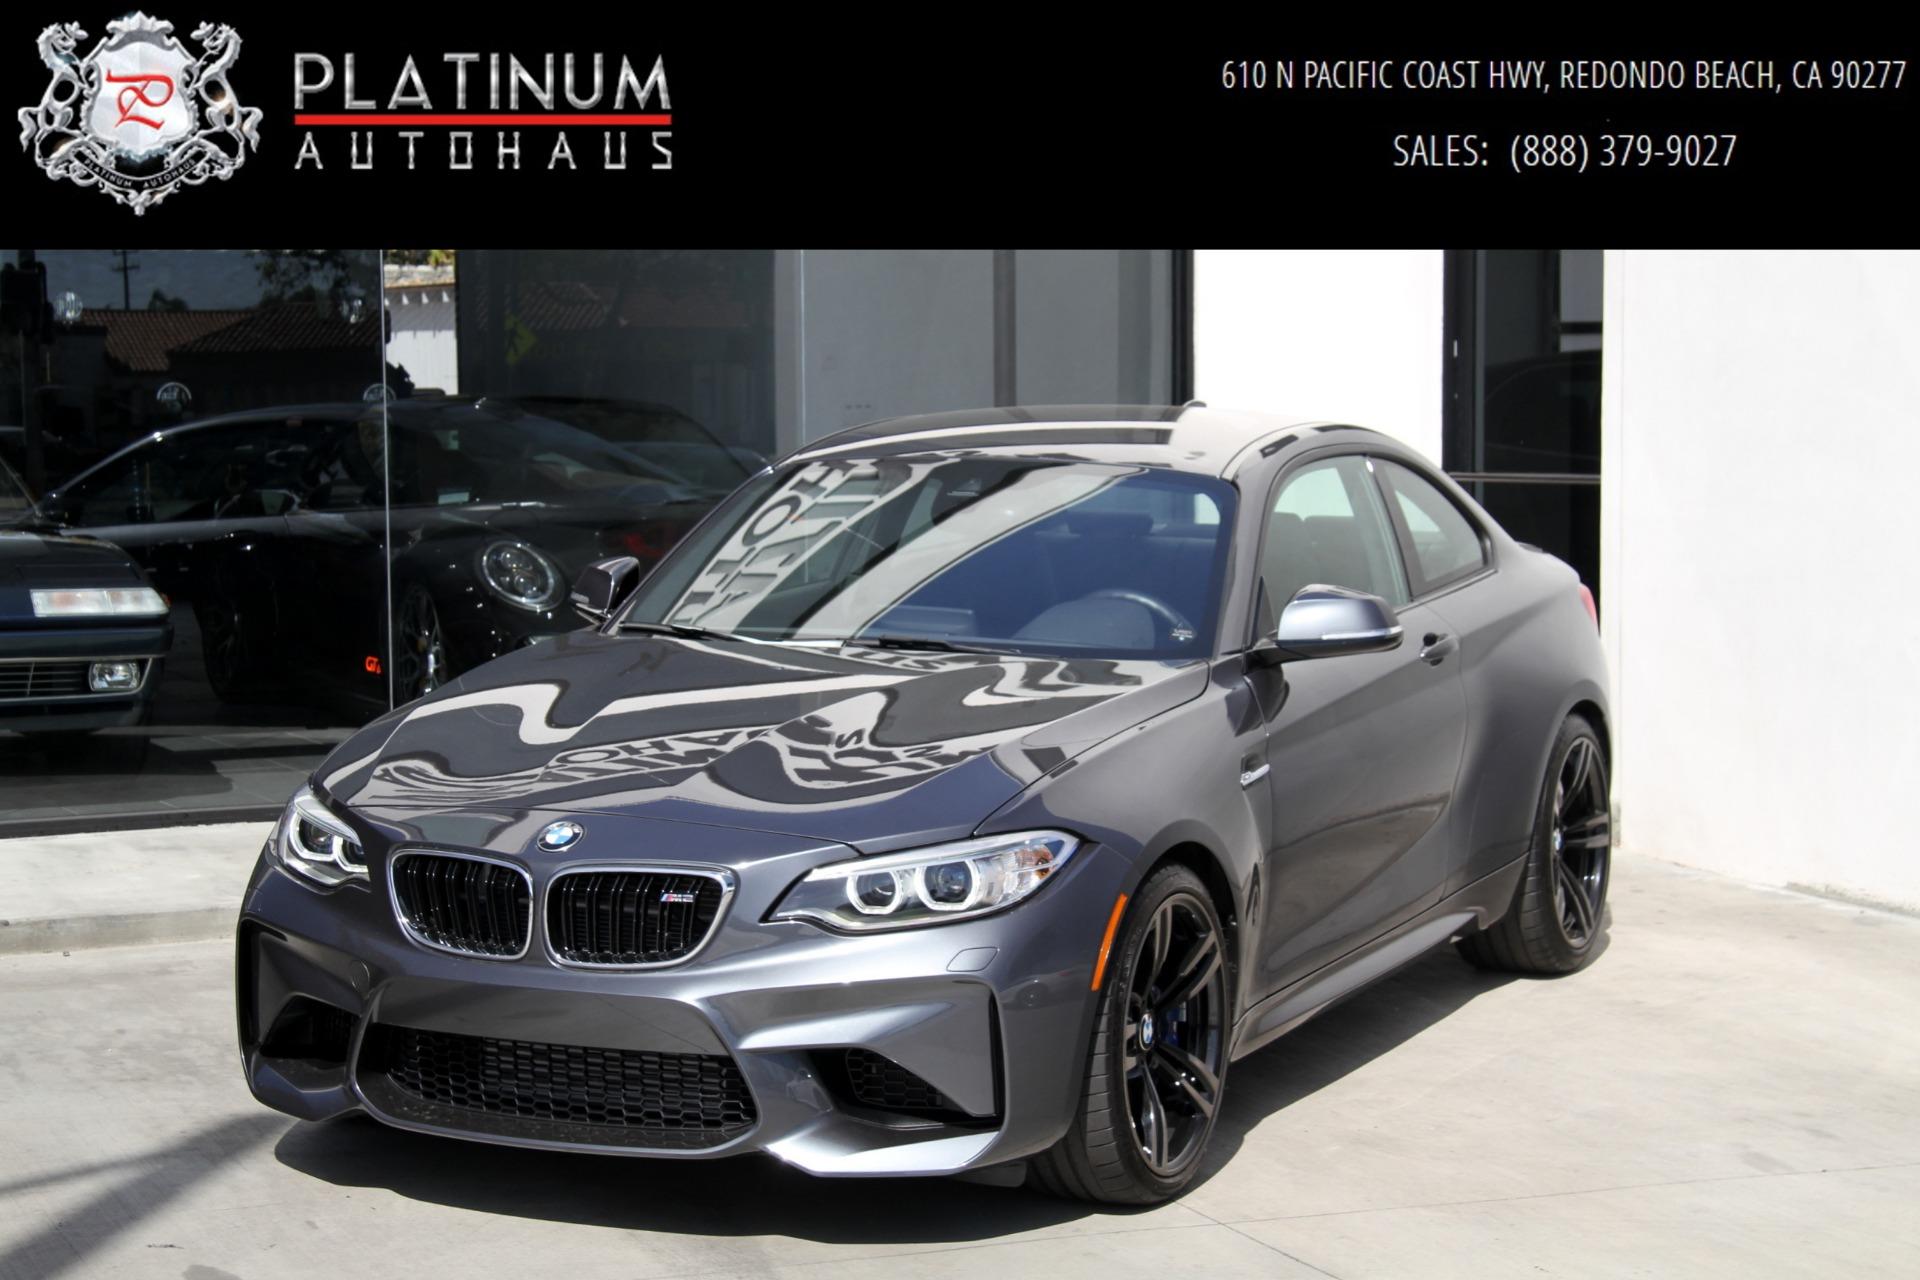 Bmw Dealer Near Me >> 2017 BMW M2 Stock # 6159 for sale near Redondo Beach, CA ...